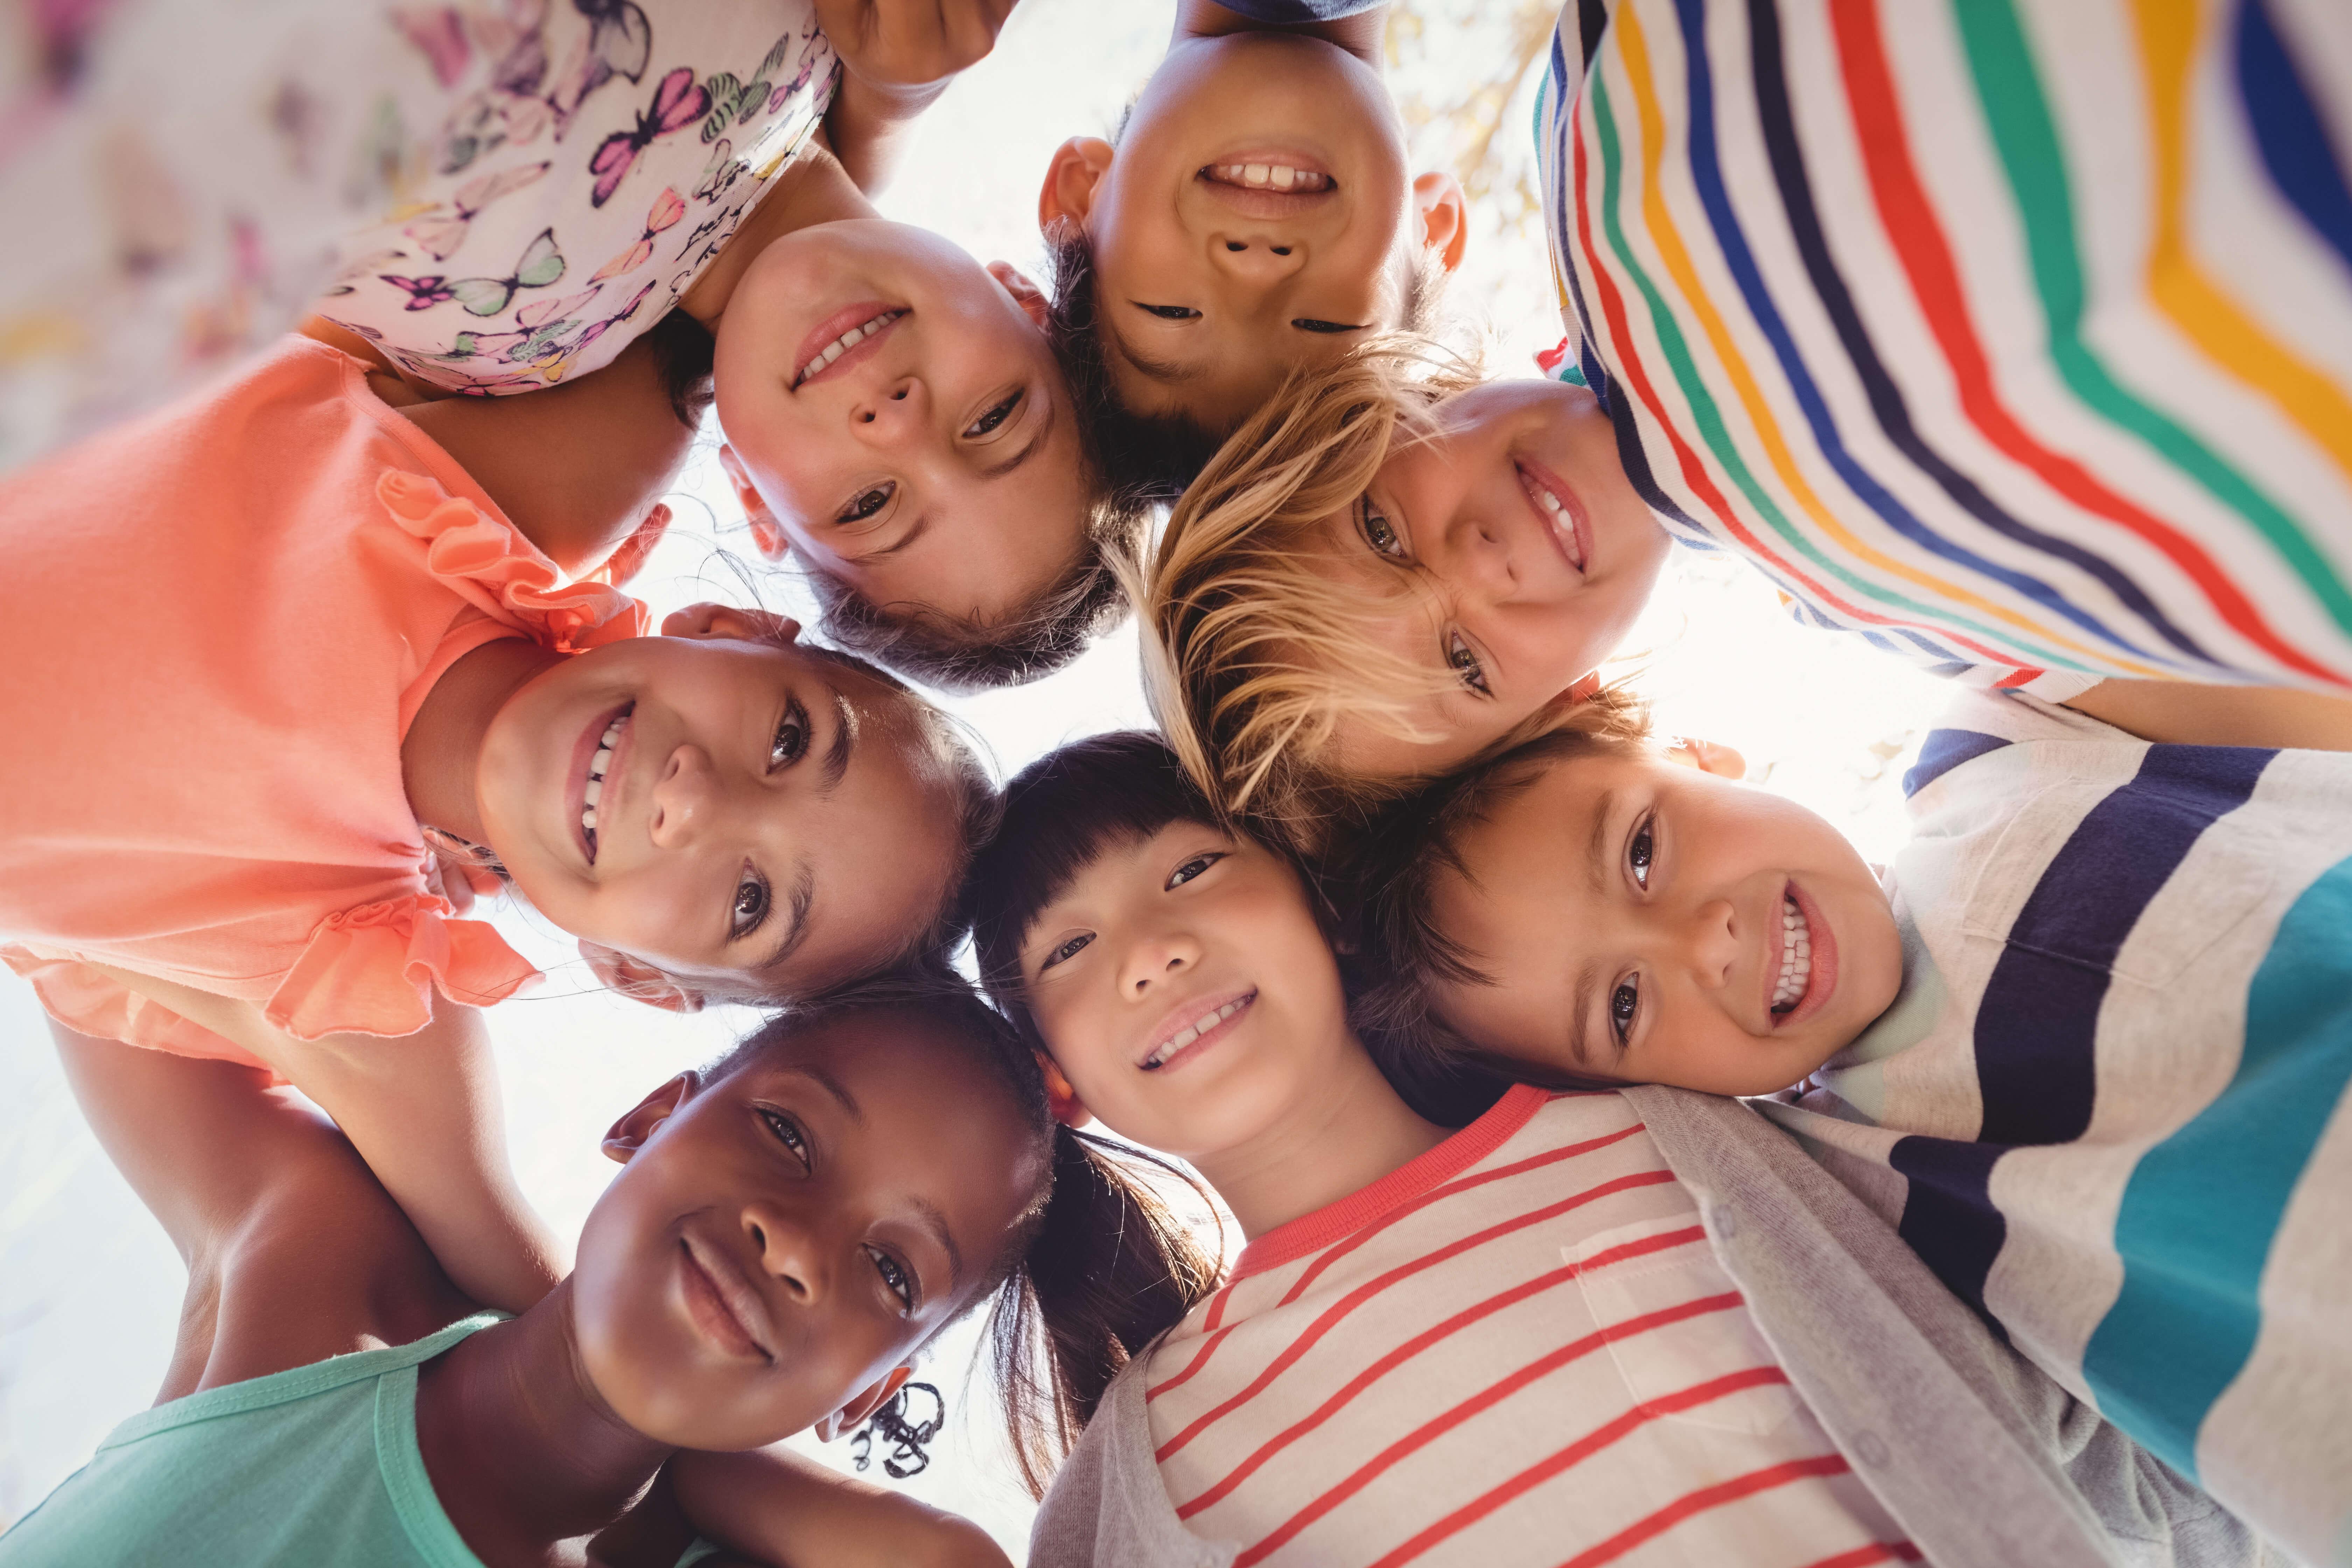 crianças abraçadas e sorrindo representando a importância do dia das crianças